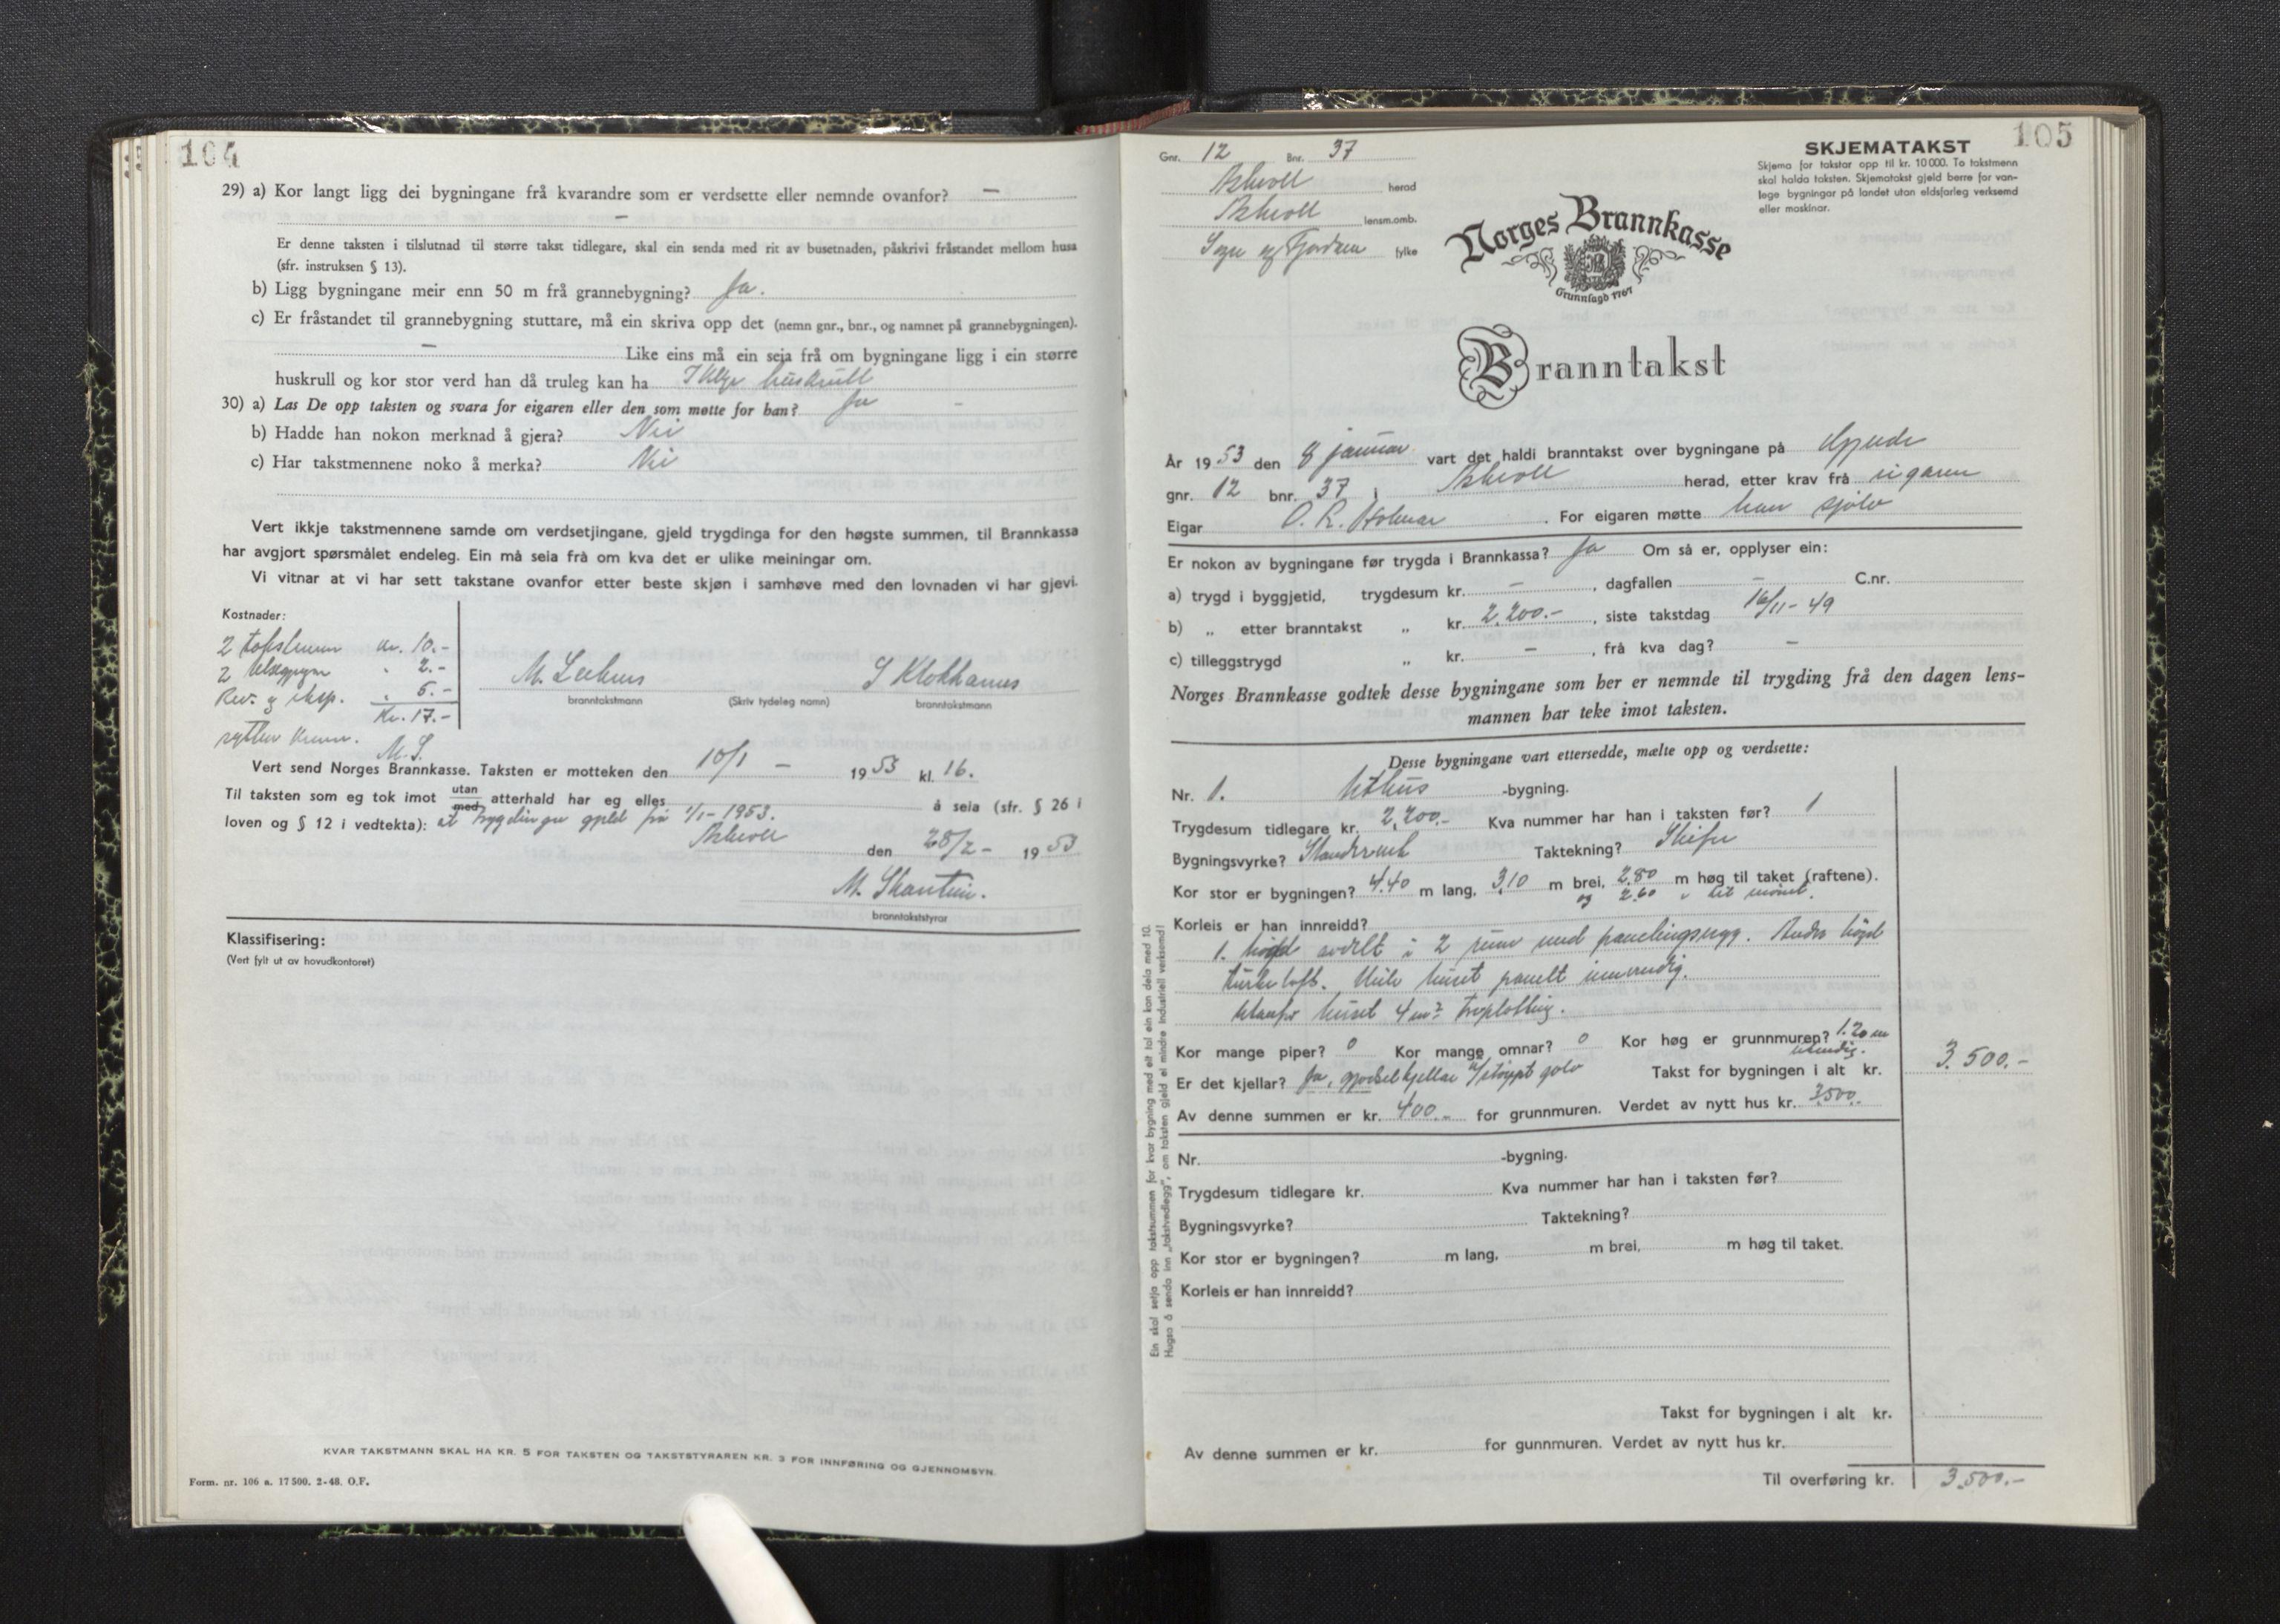 SAB, Lensmannen i Askvoll, 0012/L0006: Branntakstprotokoll, skjematakst, 1950-1955, s. 104-105